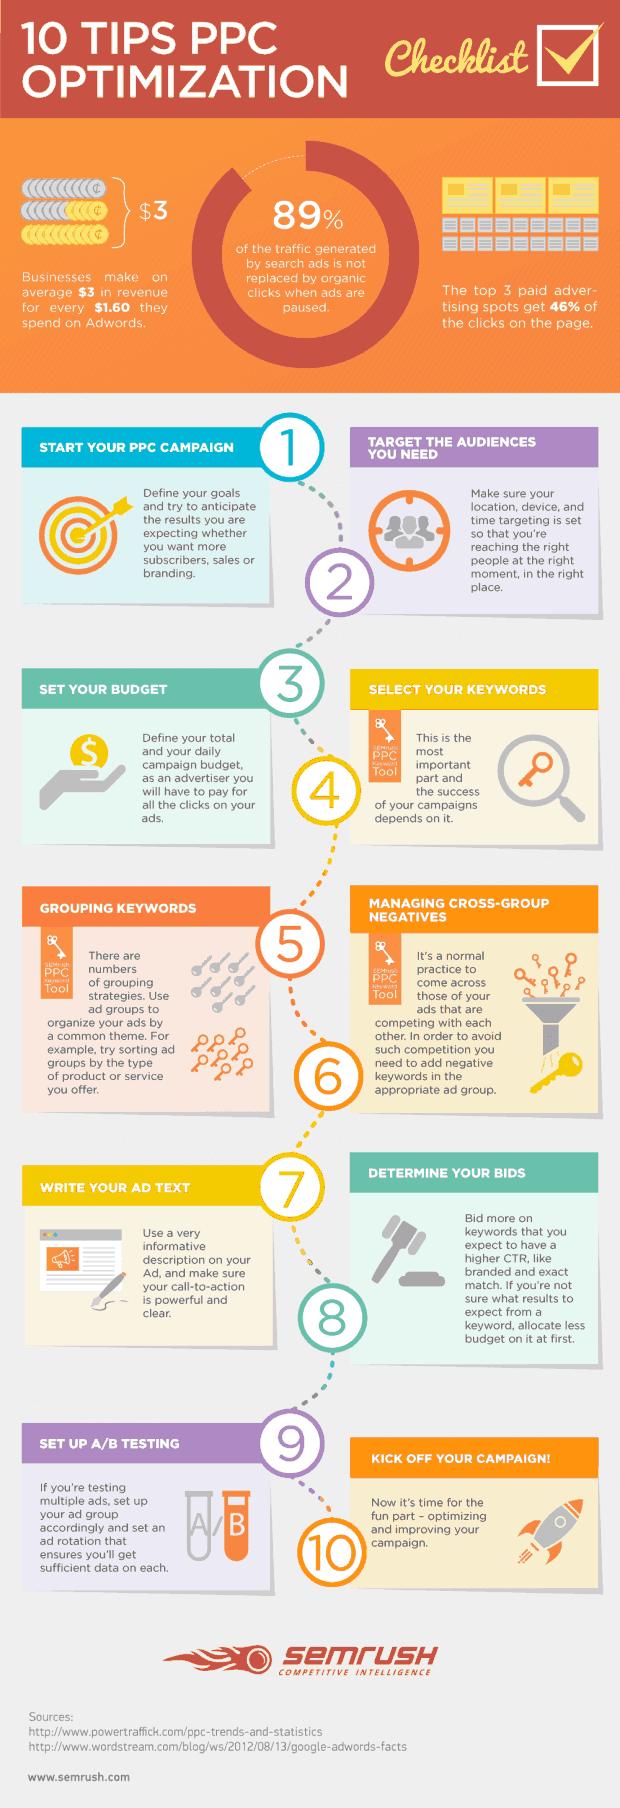 checklist ottimizzazione ppc